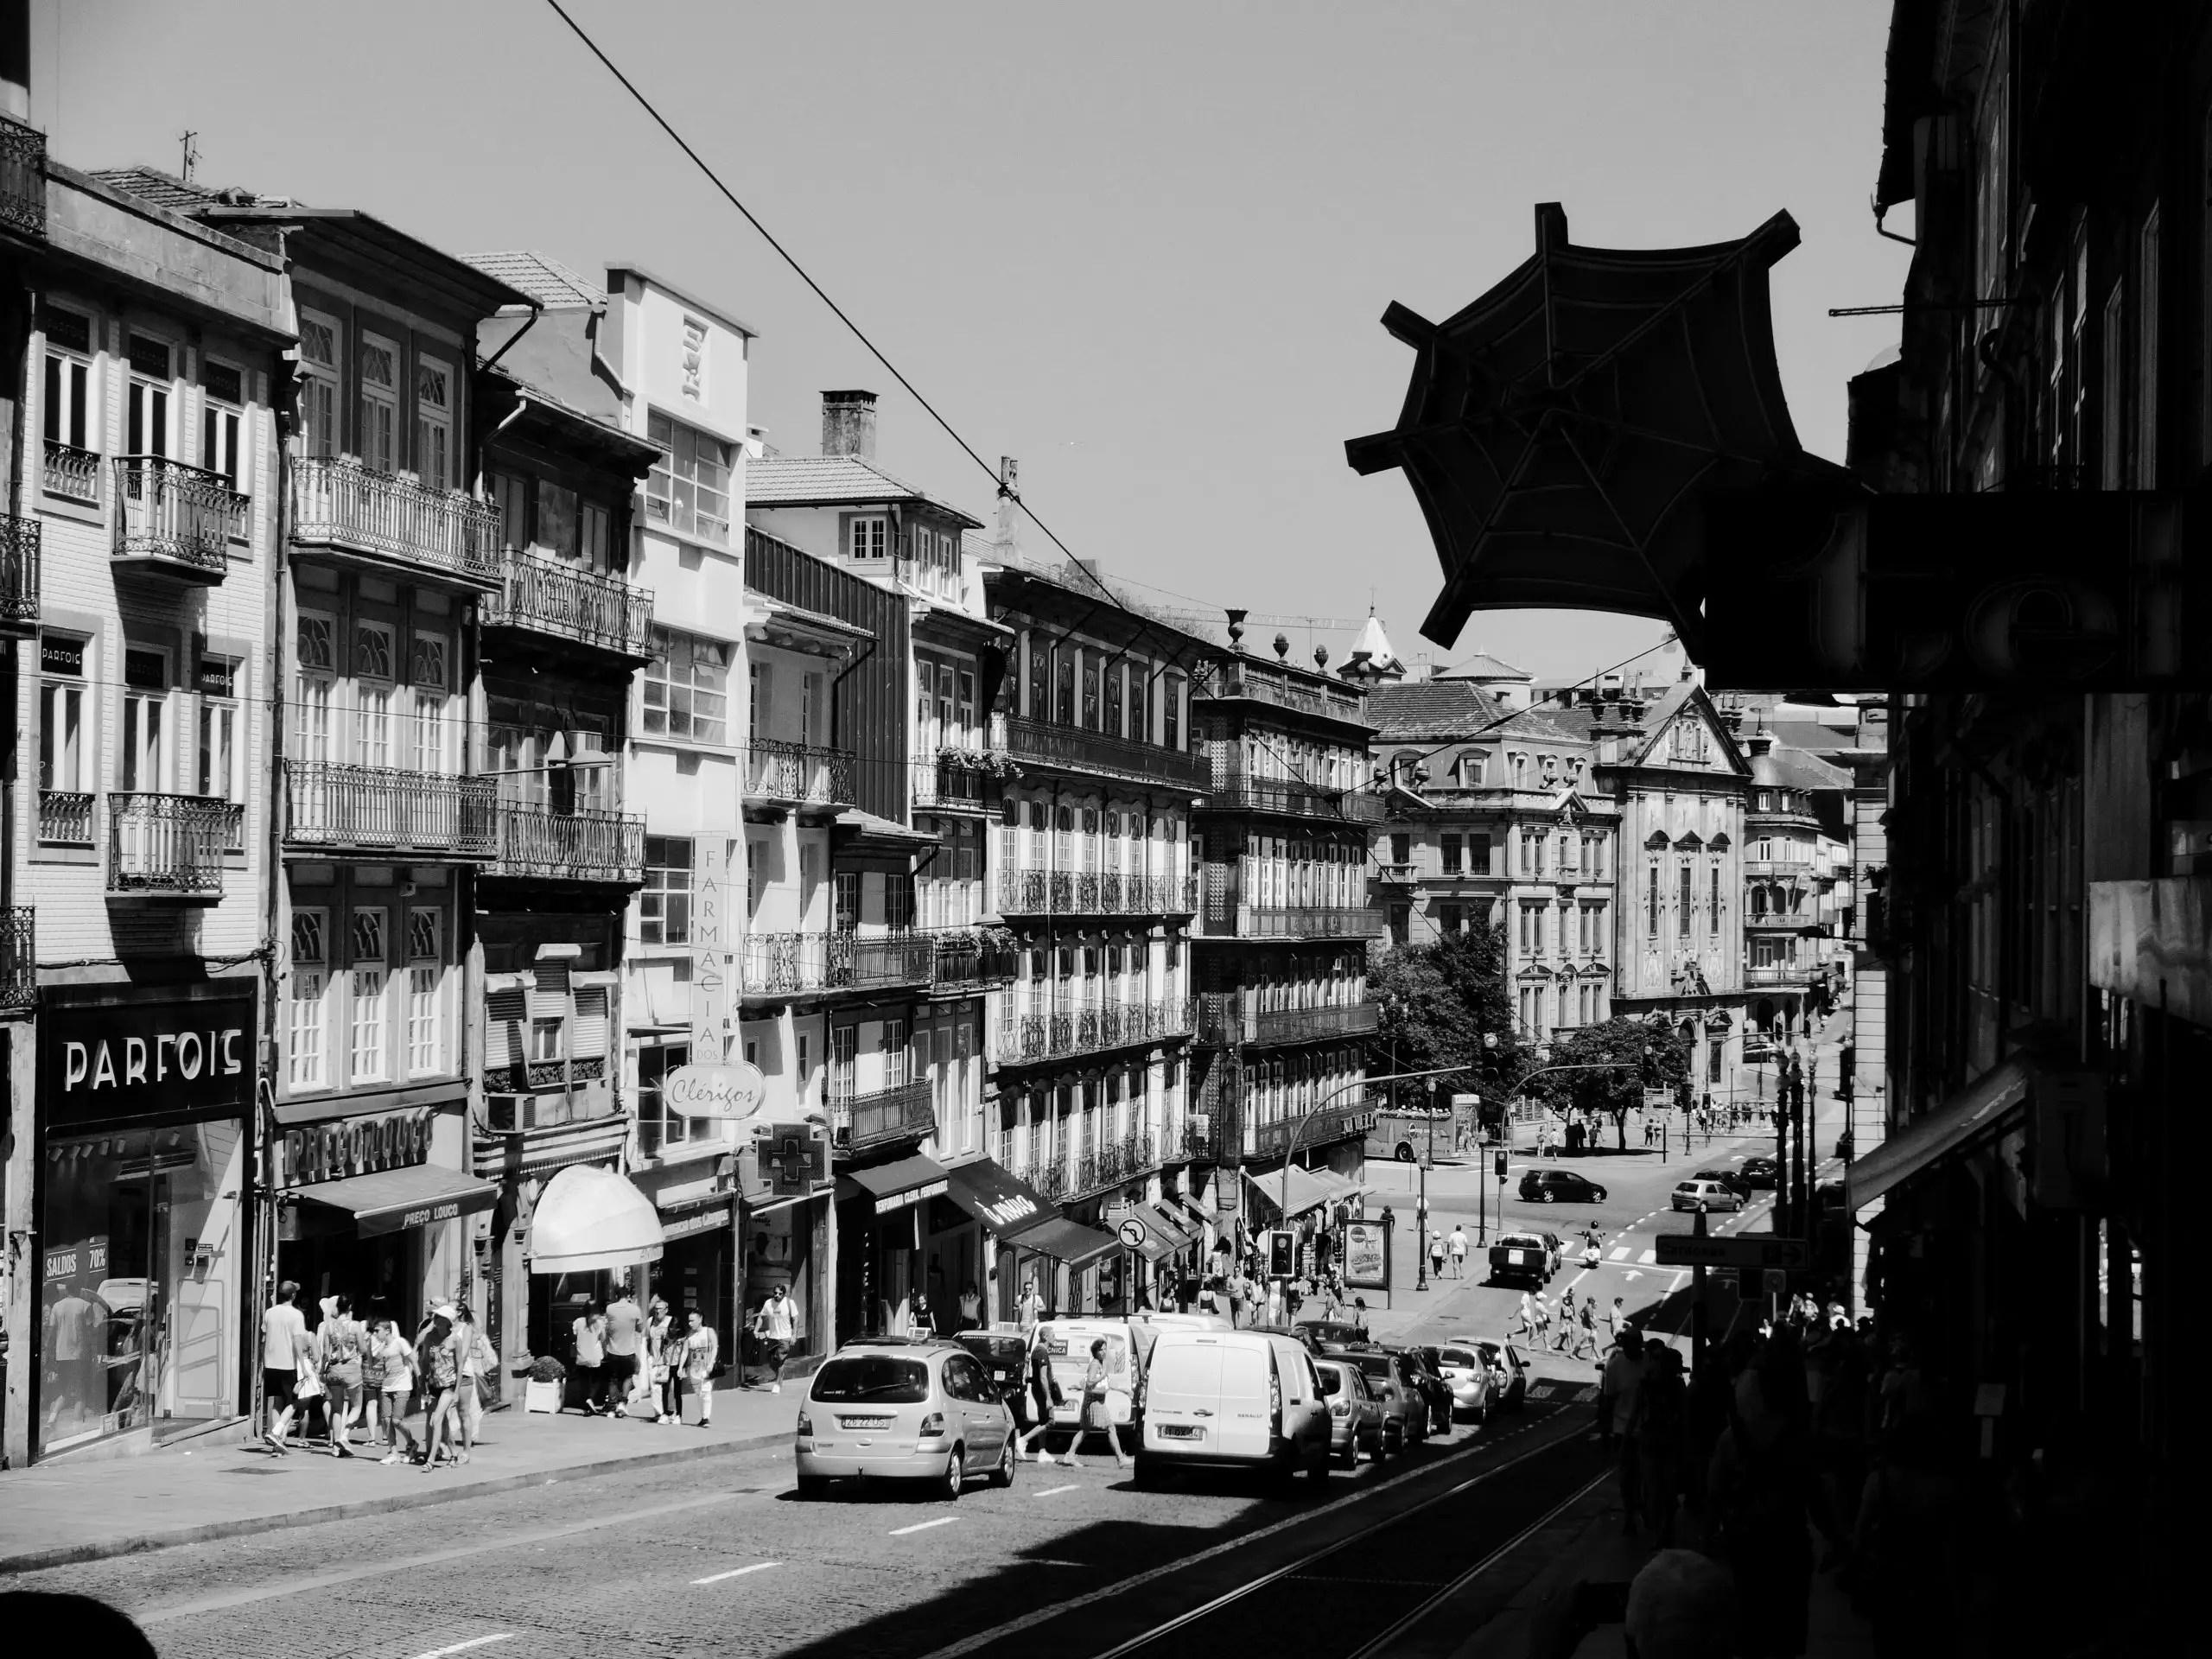 Les 5 histoires liées a Porto